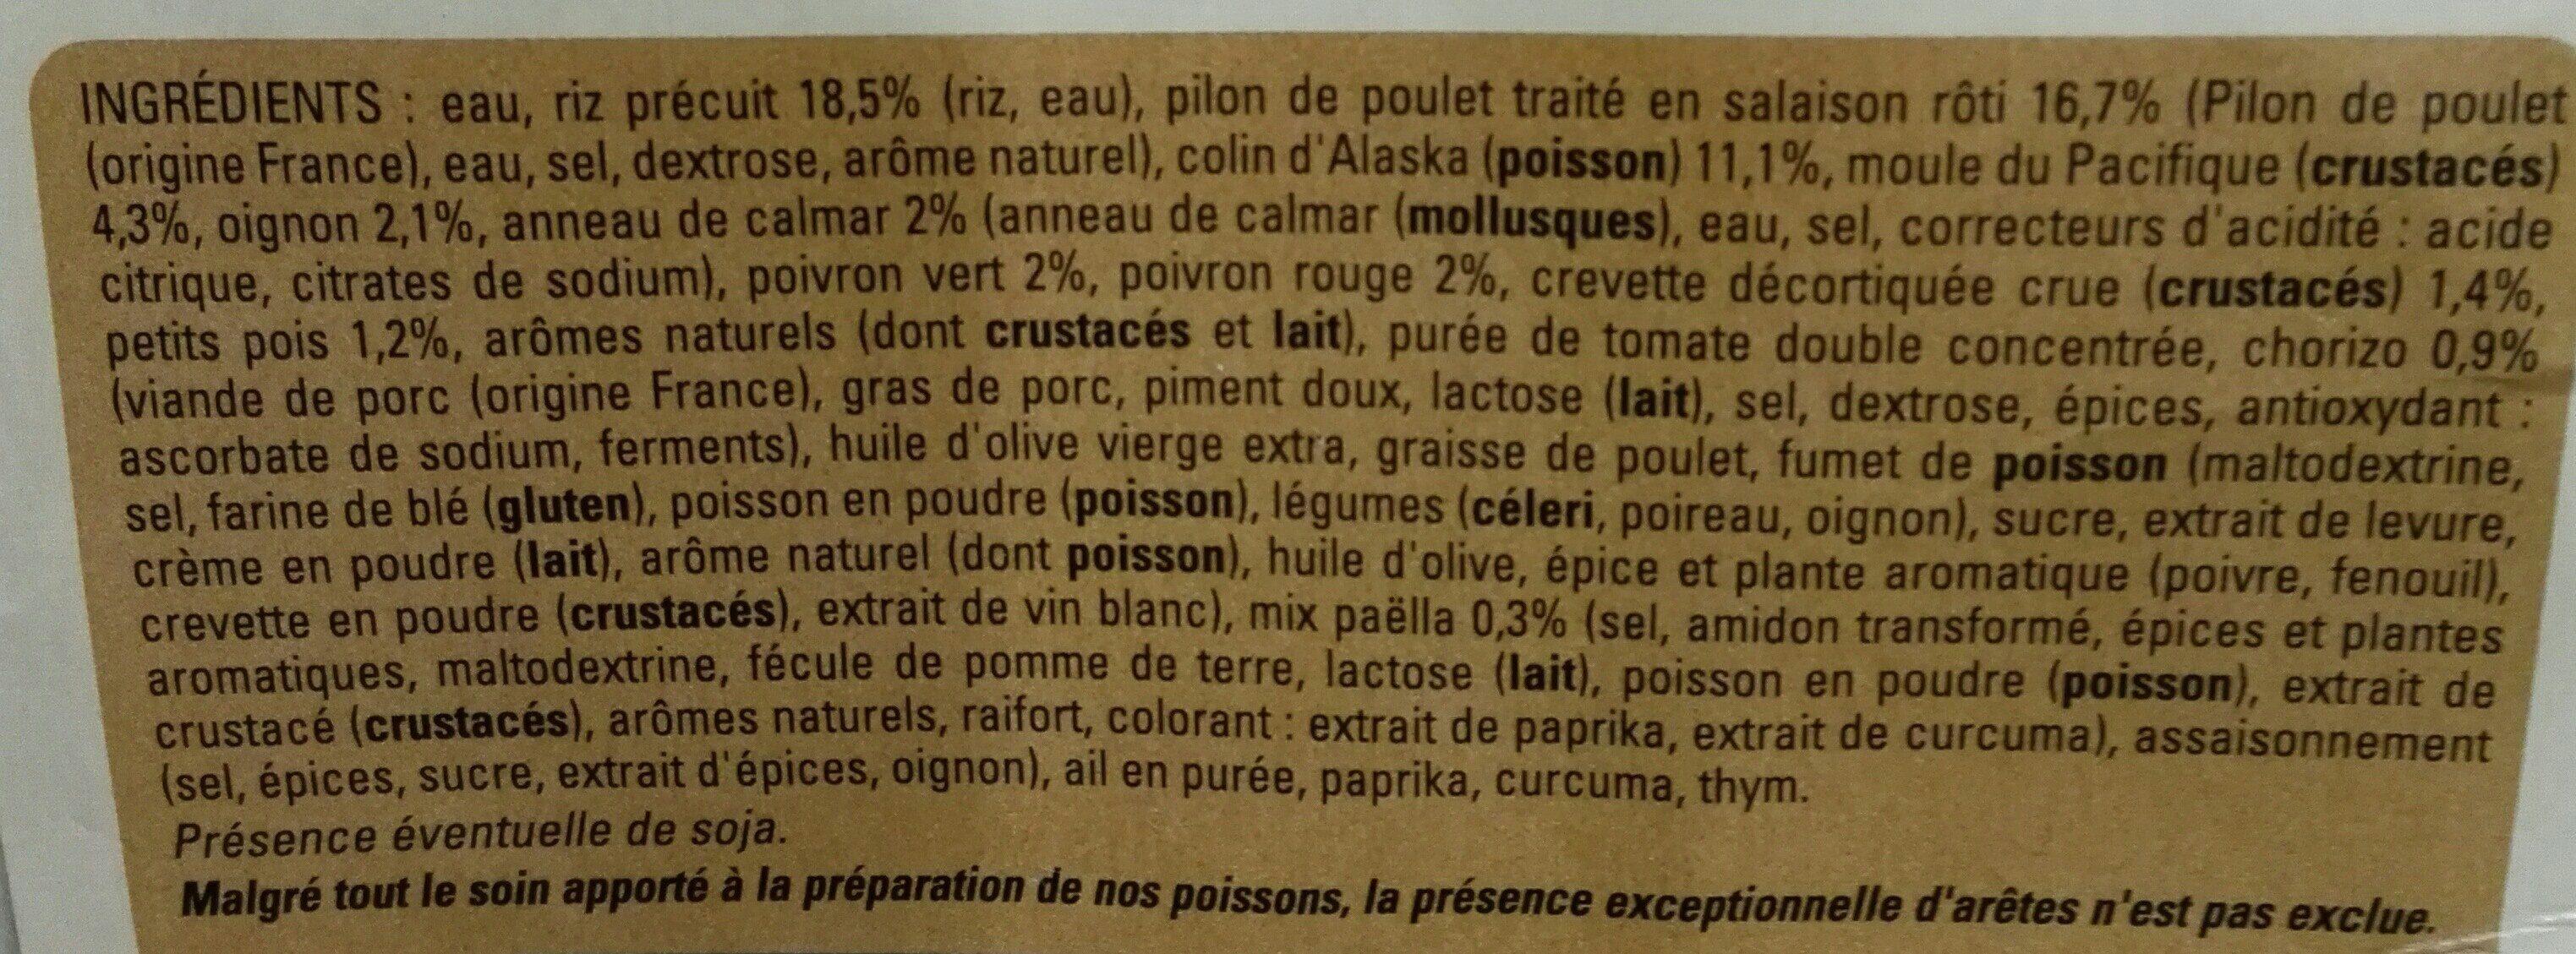 Paella royale - Ingredients - fr